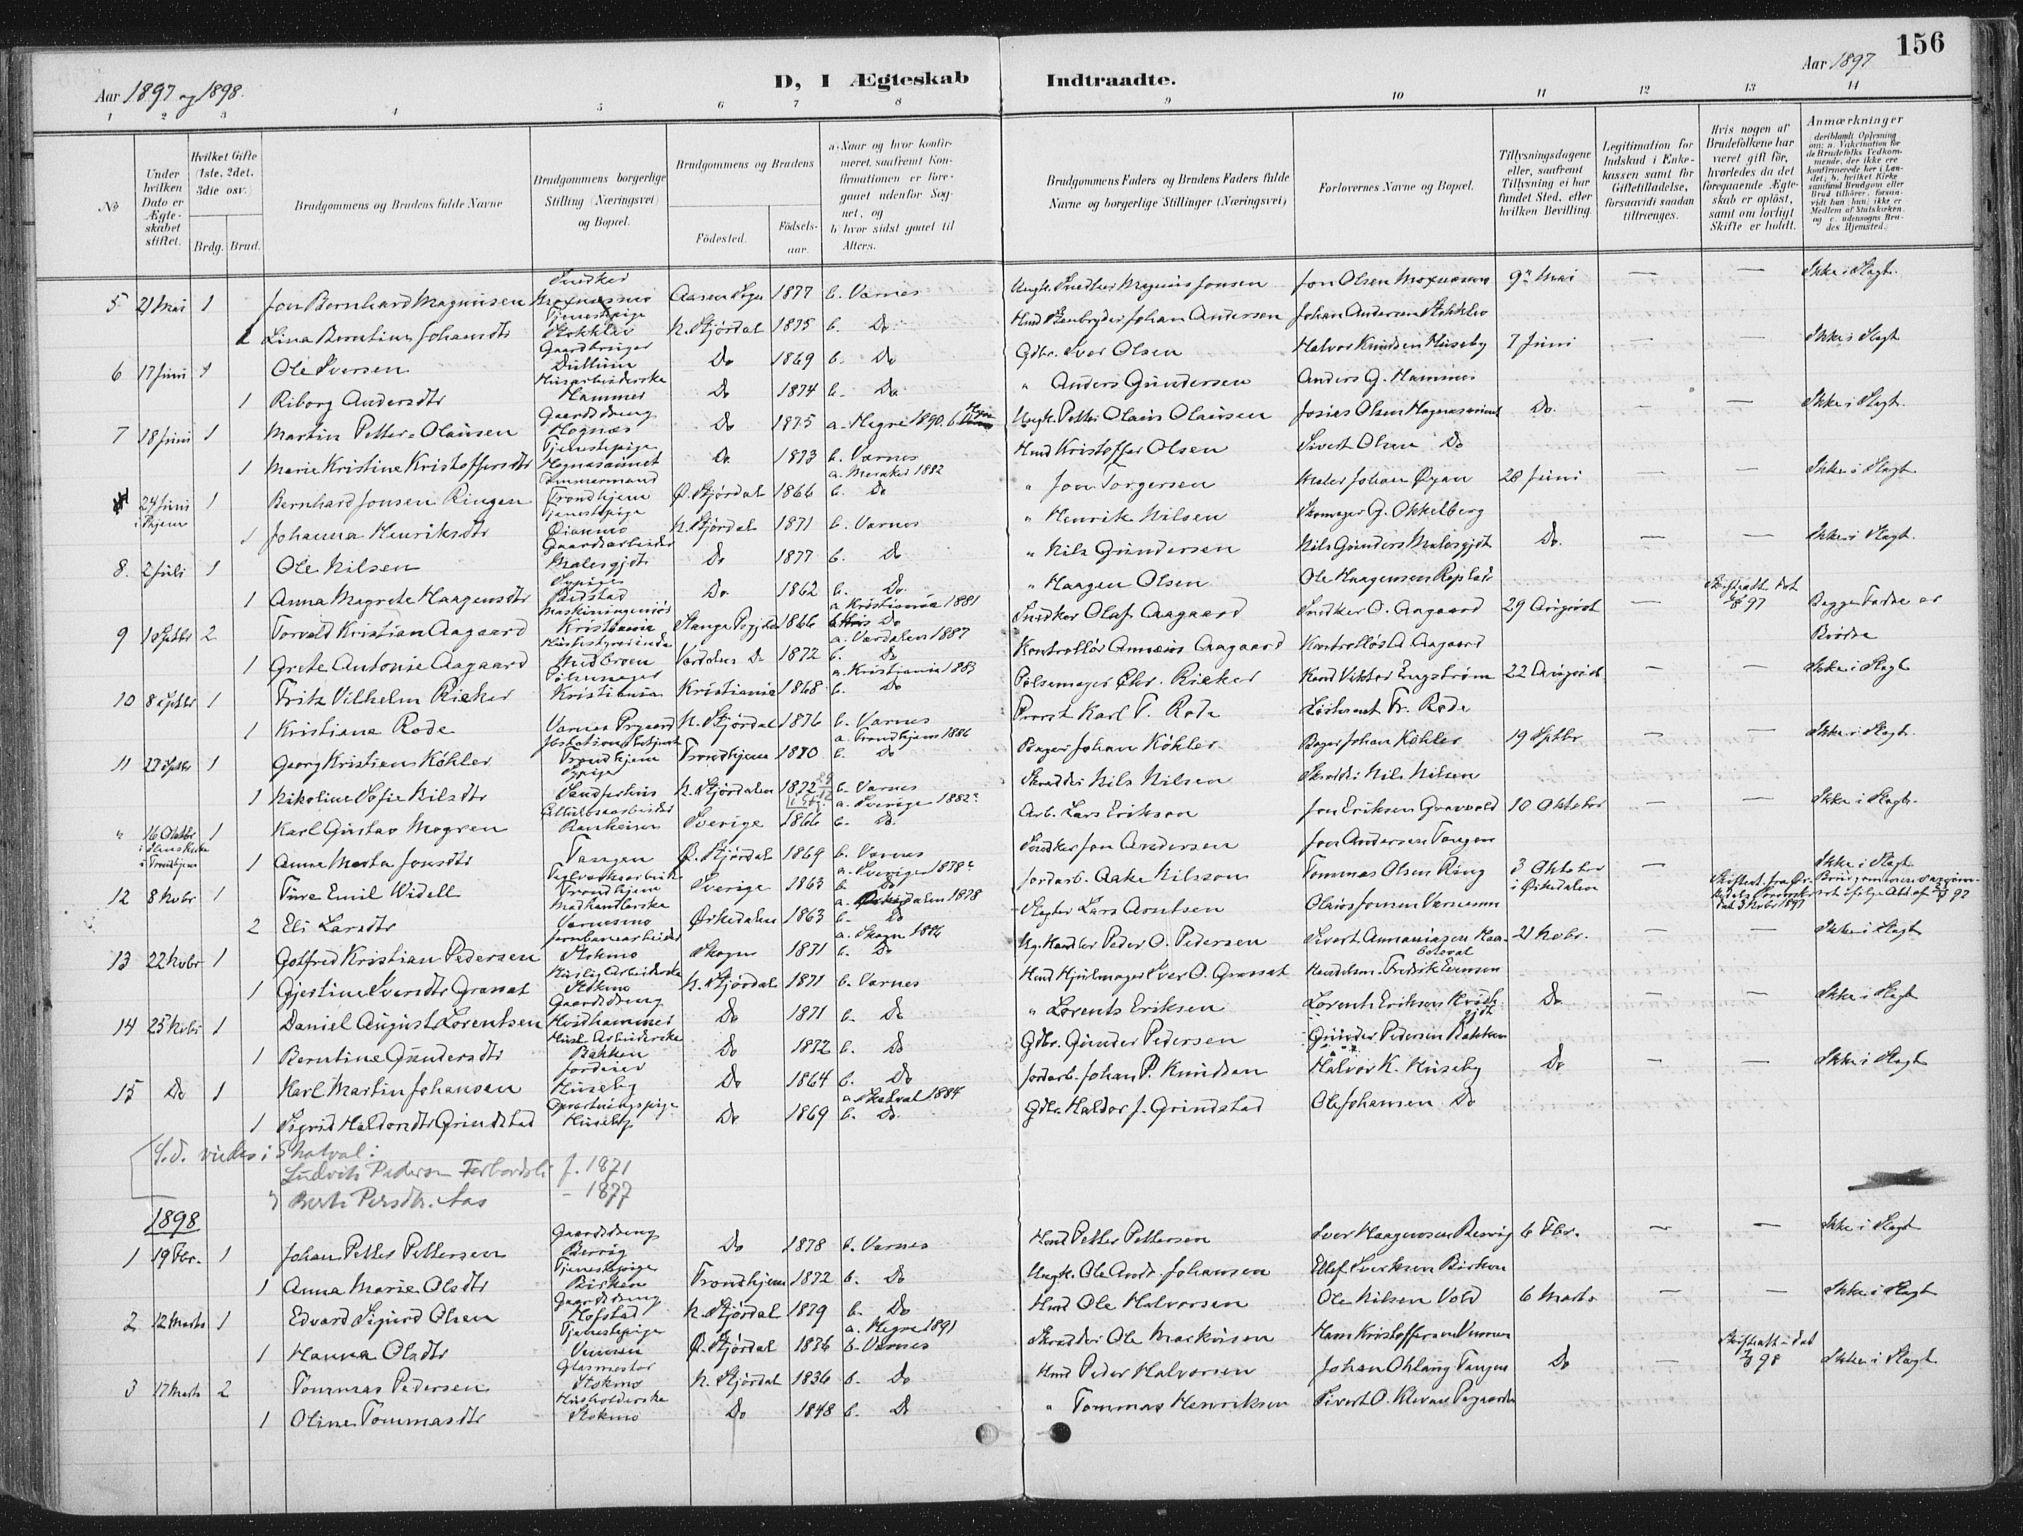 SAT, Ministerialprotokoller, klokkerbøker og fødselsregistre - Nord-Trøndelag, 709/L0082: Ministerialbok nr. 709A22, 1896-1916, s. 156